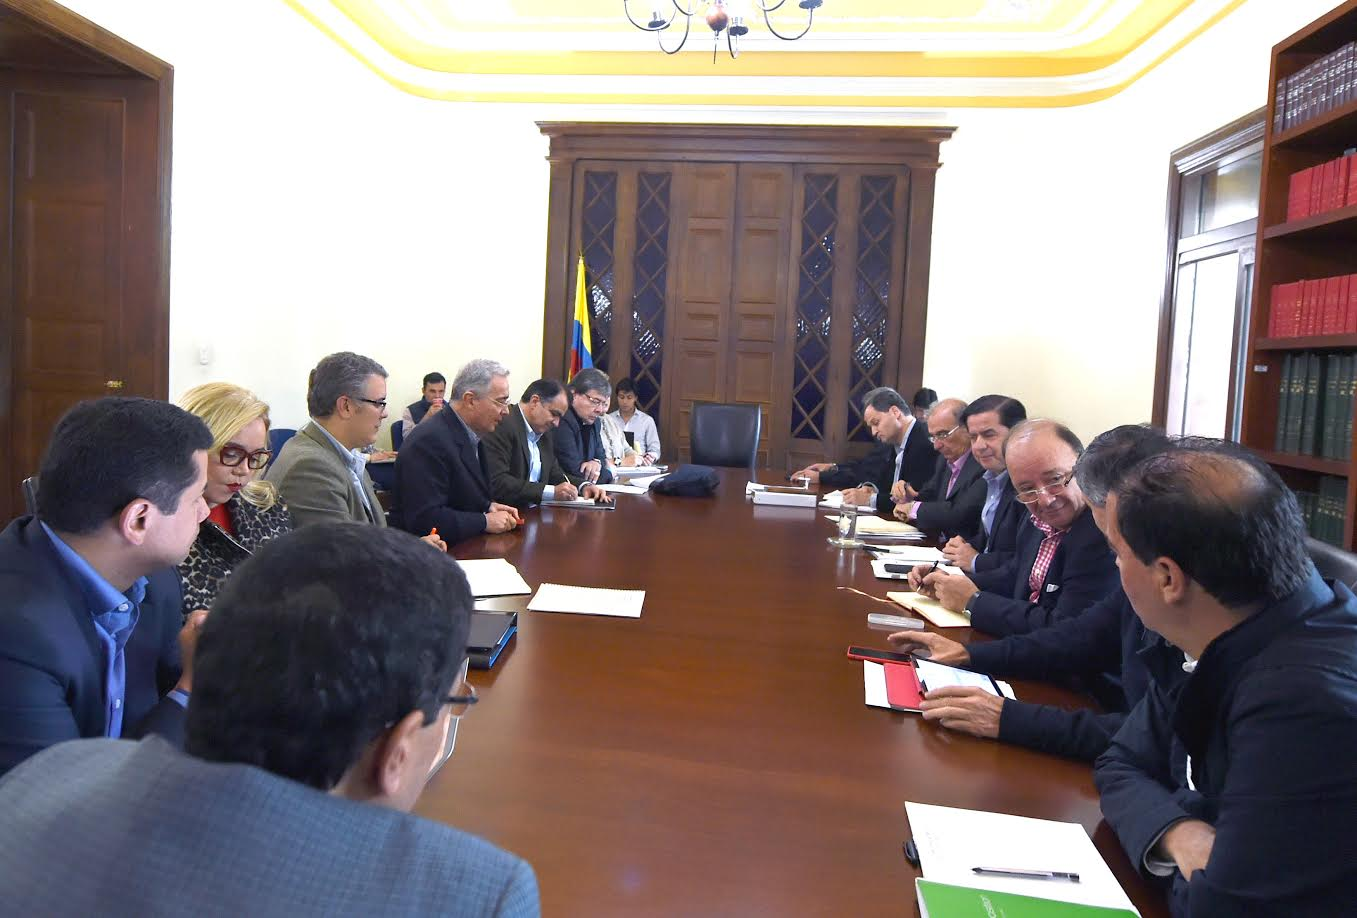 reunion-miinterior-gobierno-delegados-acuerdos-habana-voceros-del-no